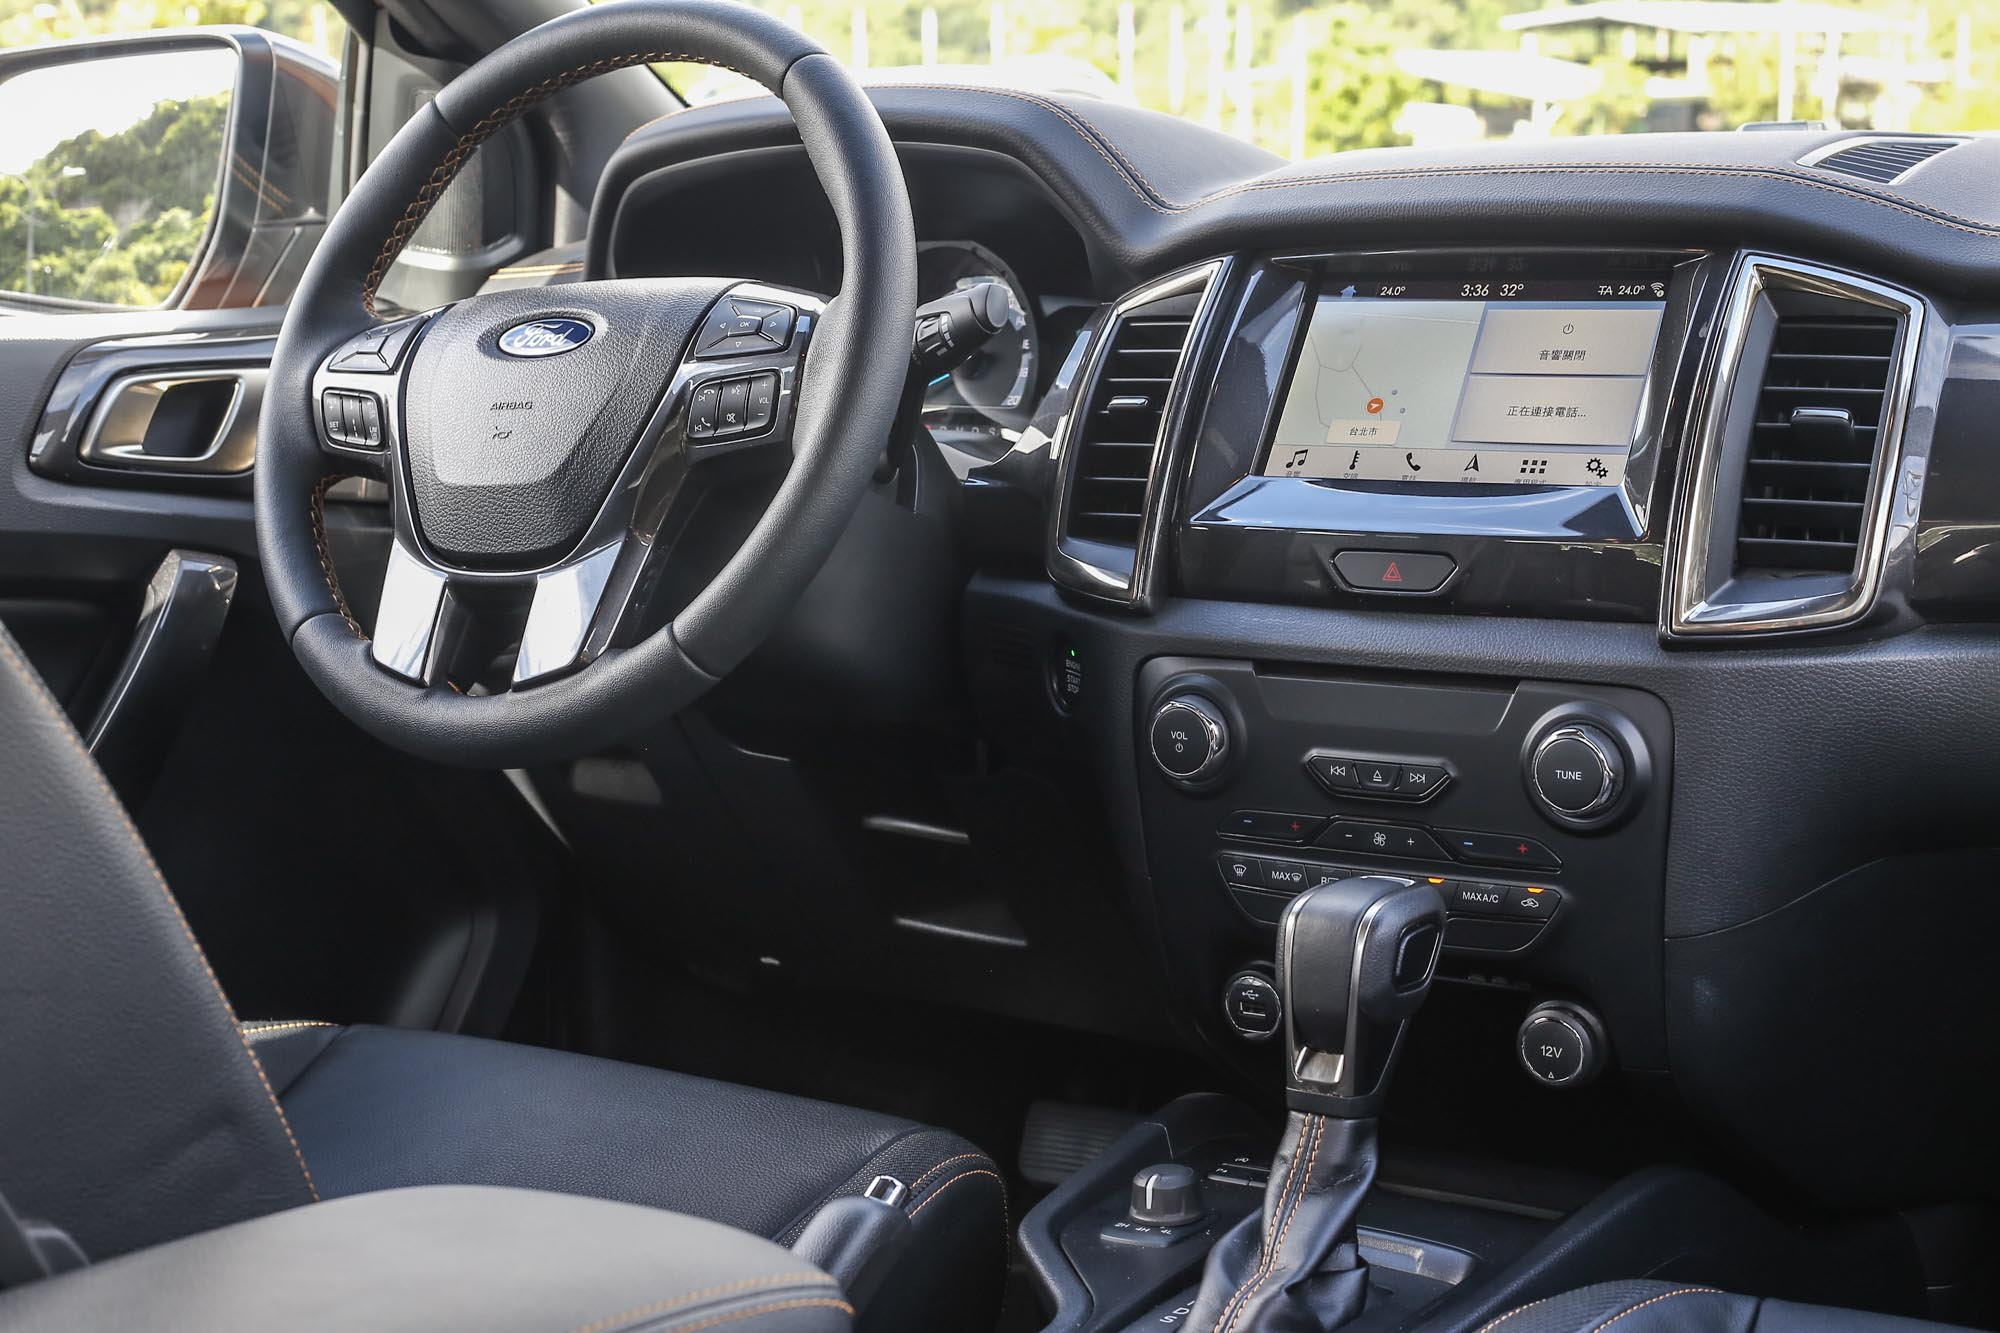 座艙內設計與先前車型相同。